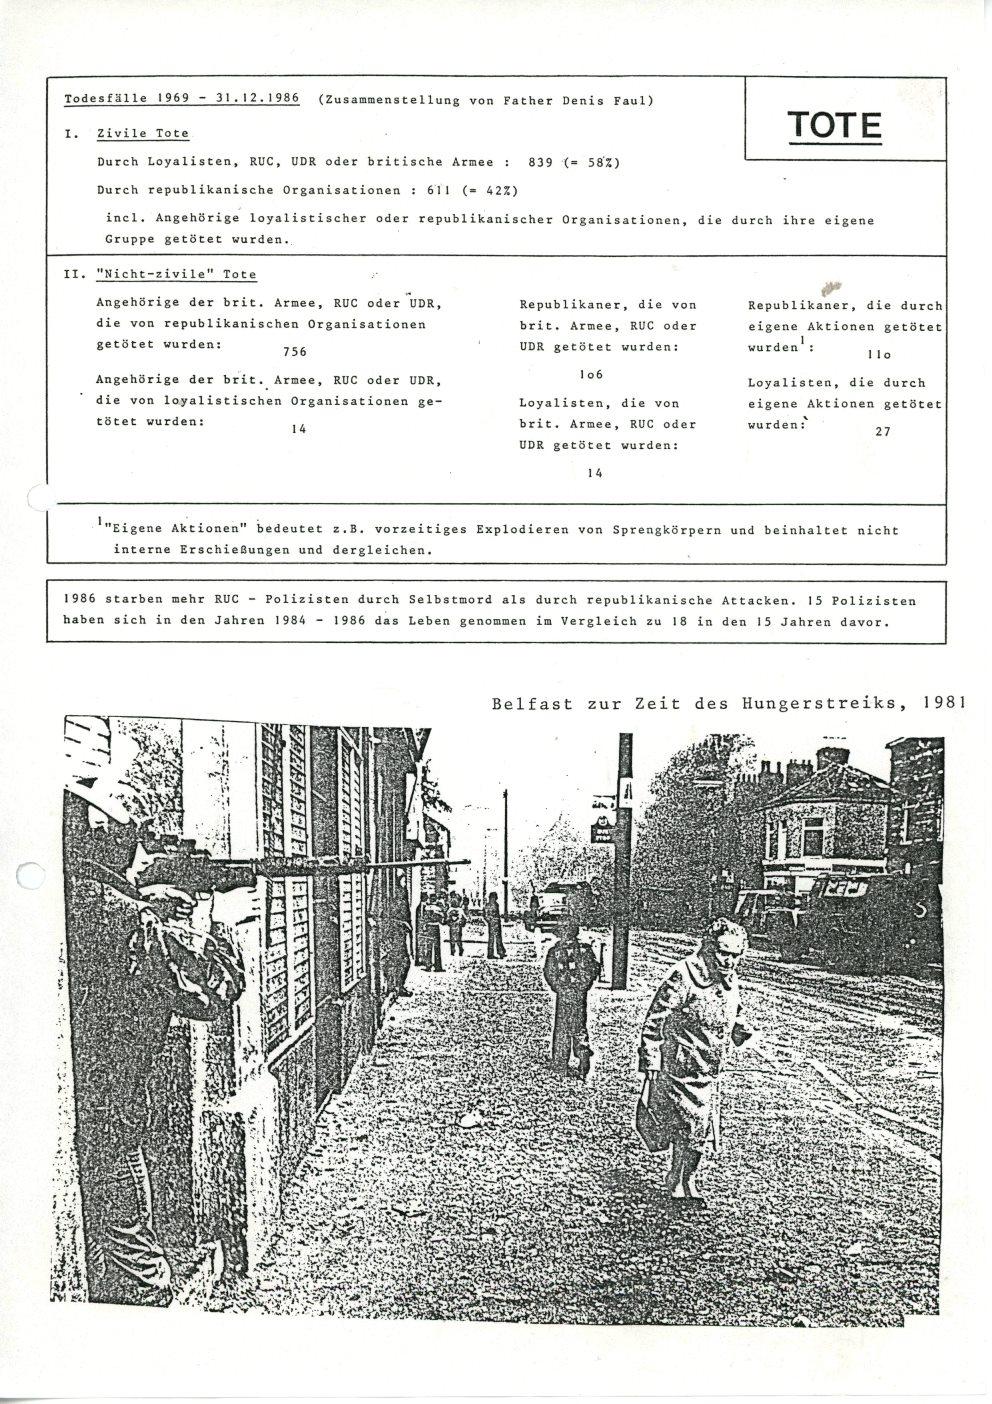 Freiburg_Nordirland_Reader_1988_37